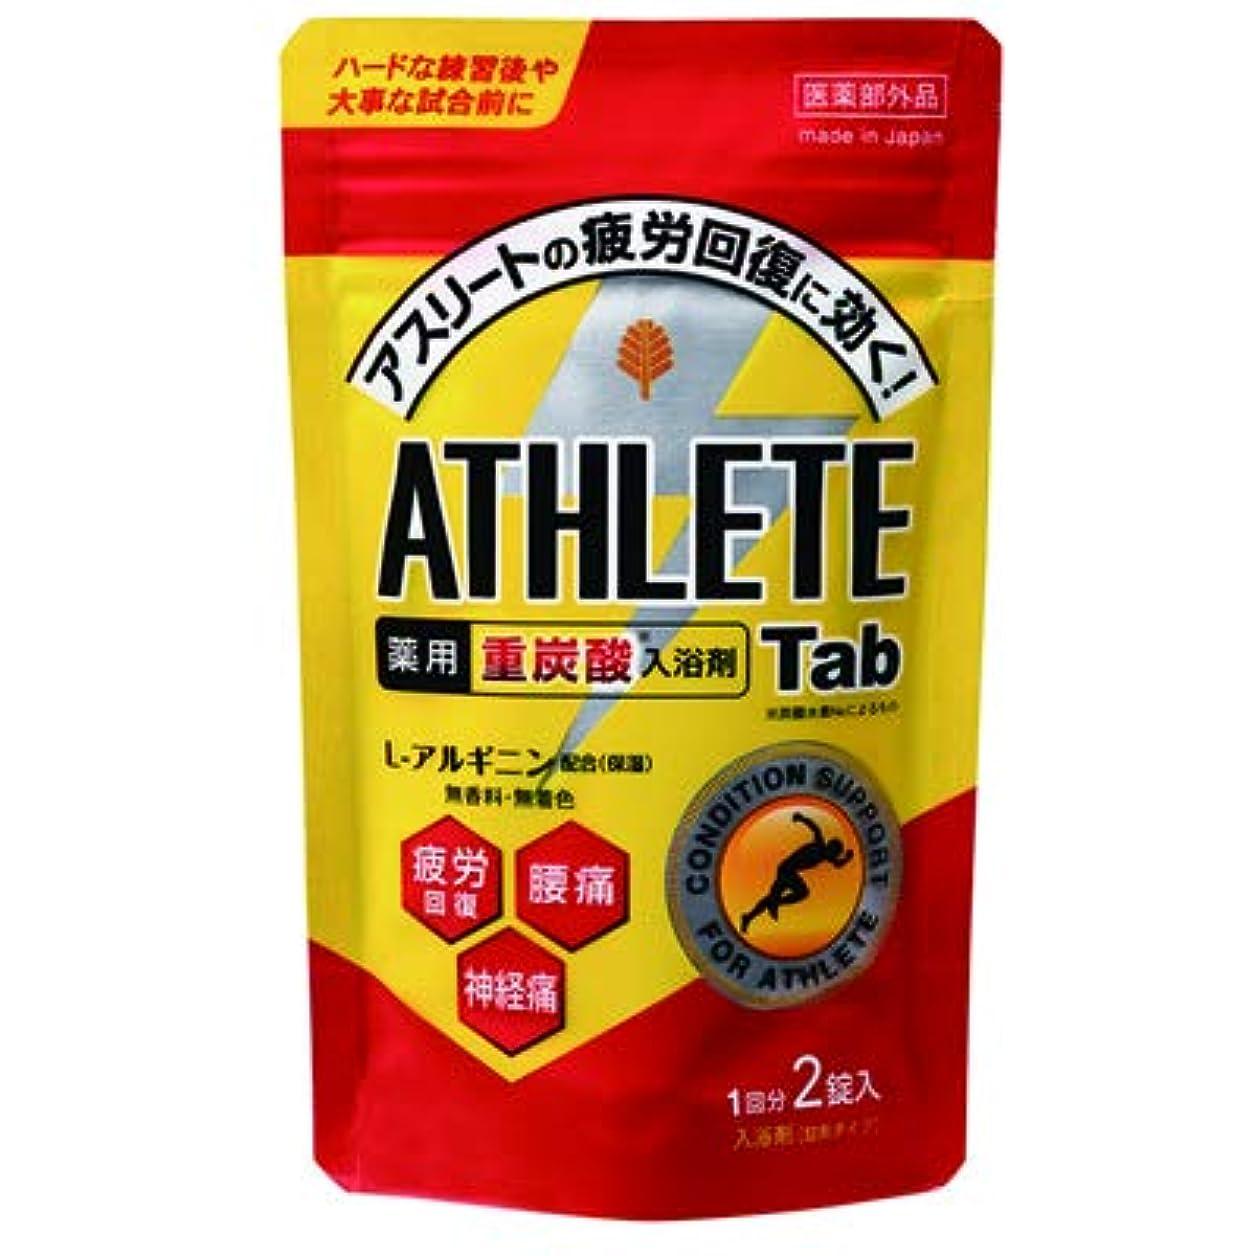 ファランクスセットアップ人類アスリート向け薬用スポーツ入浴剤(重炭酸イオン薬用入浴剤)2錠入(1回分) /日本製